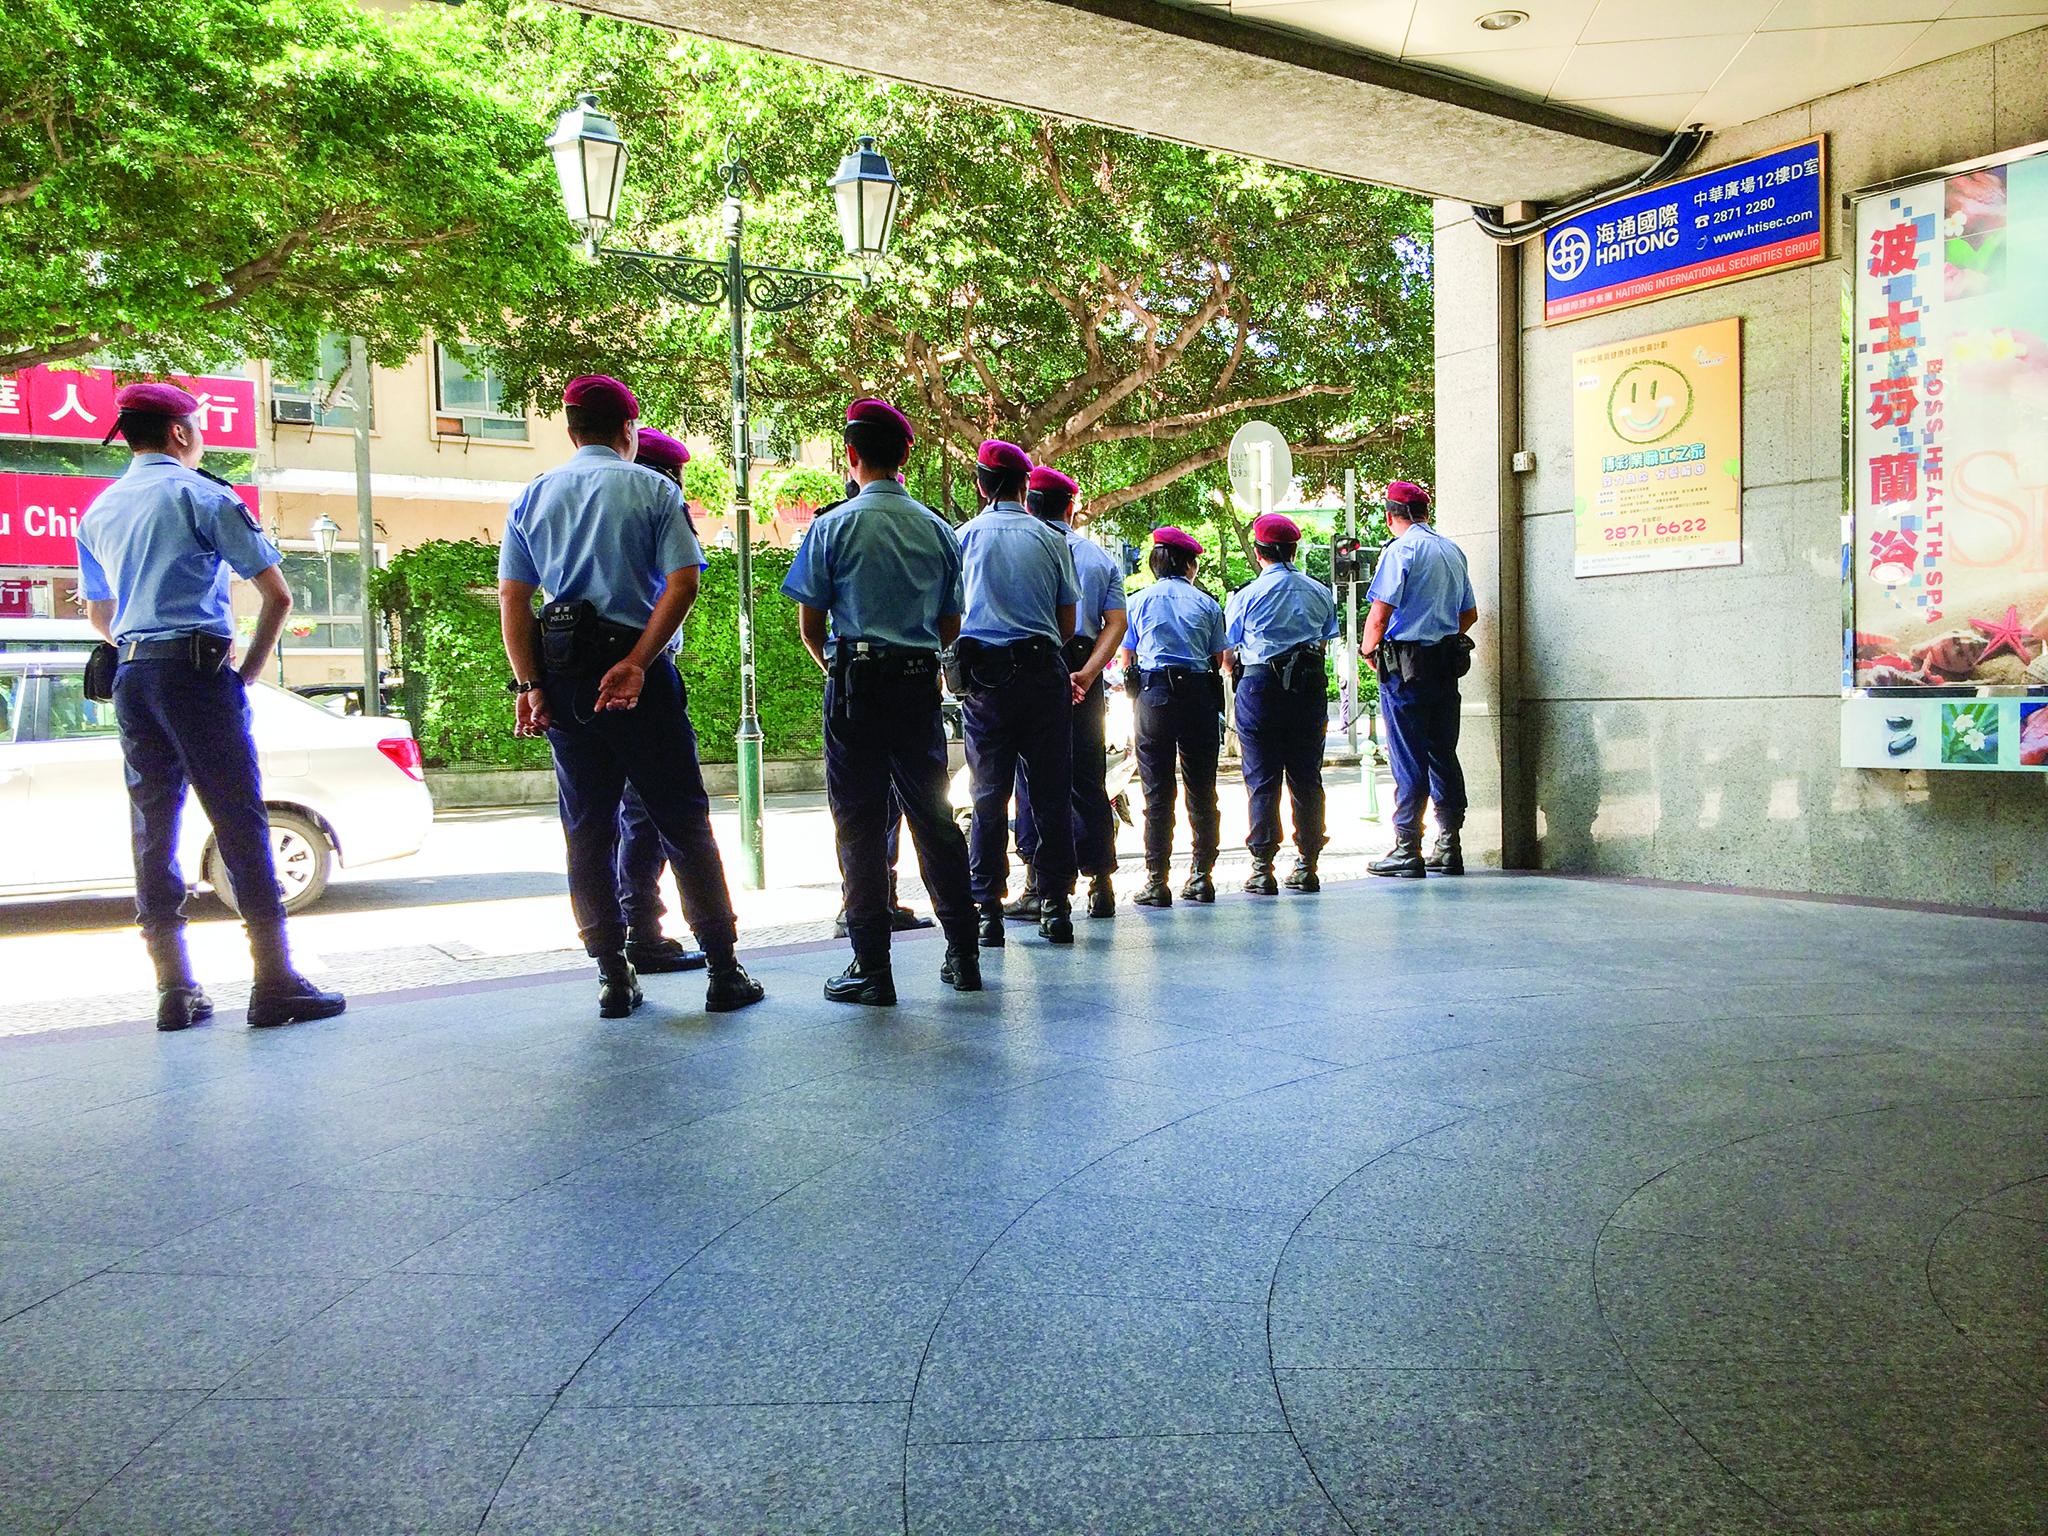 Apresentadas 70 queixas contra forças e serviços de segurança de Macau em 2016